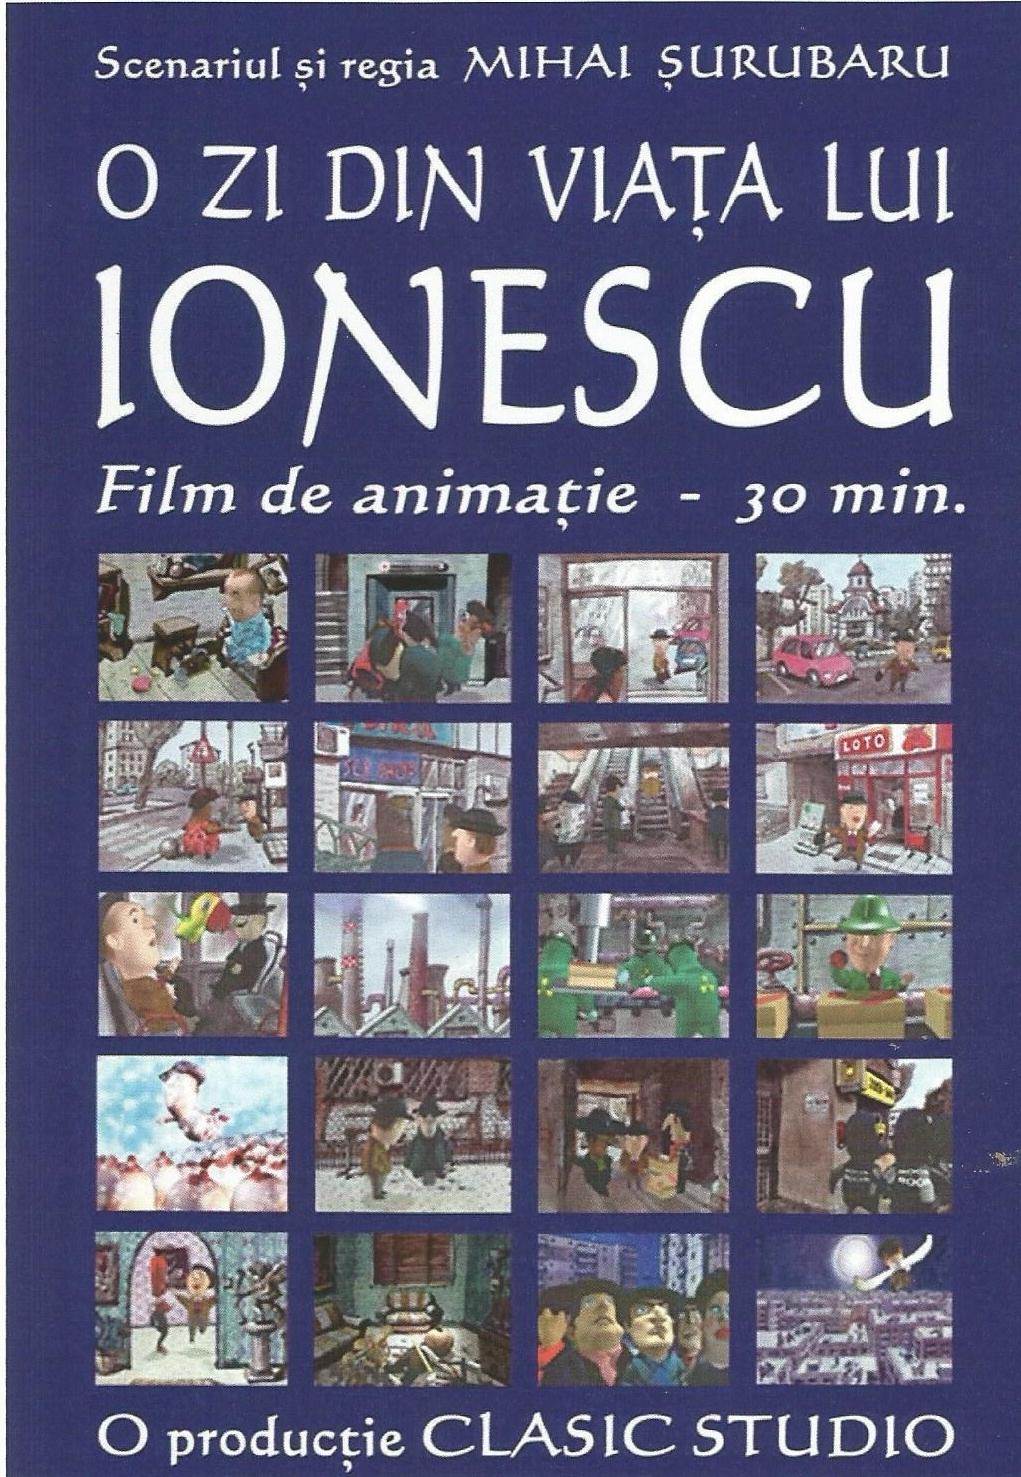 O zi din viața lui Ionescu (2009) - Photo